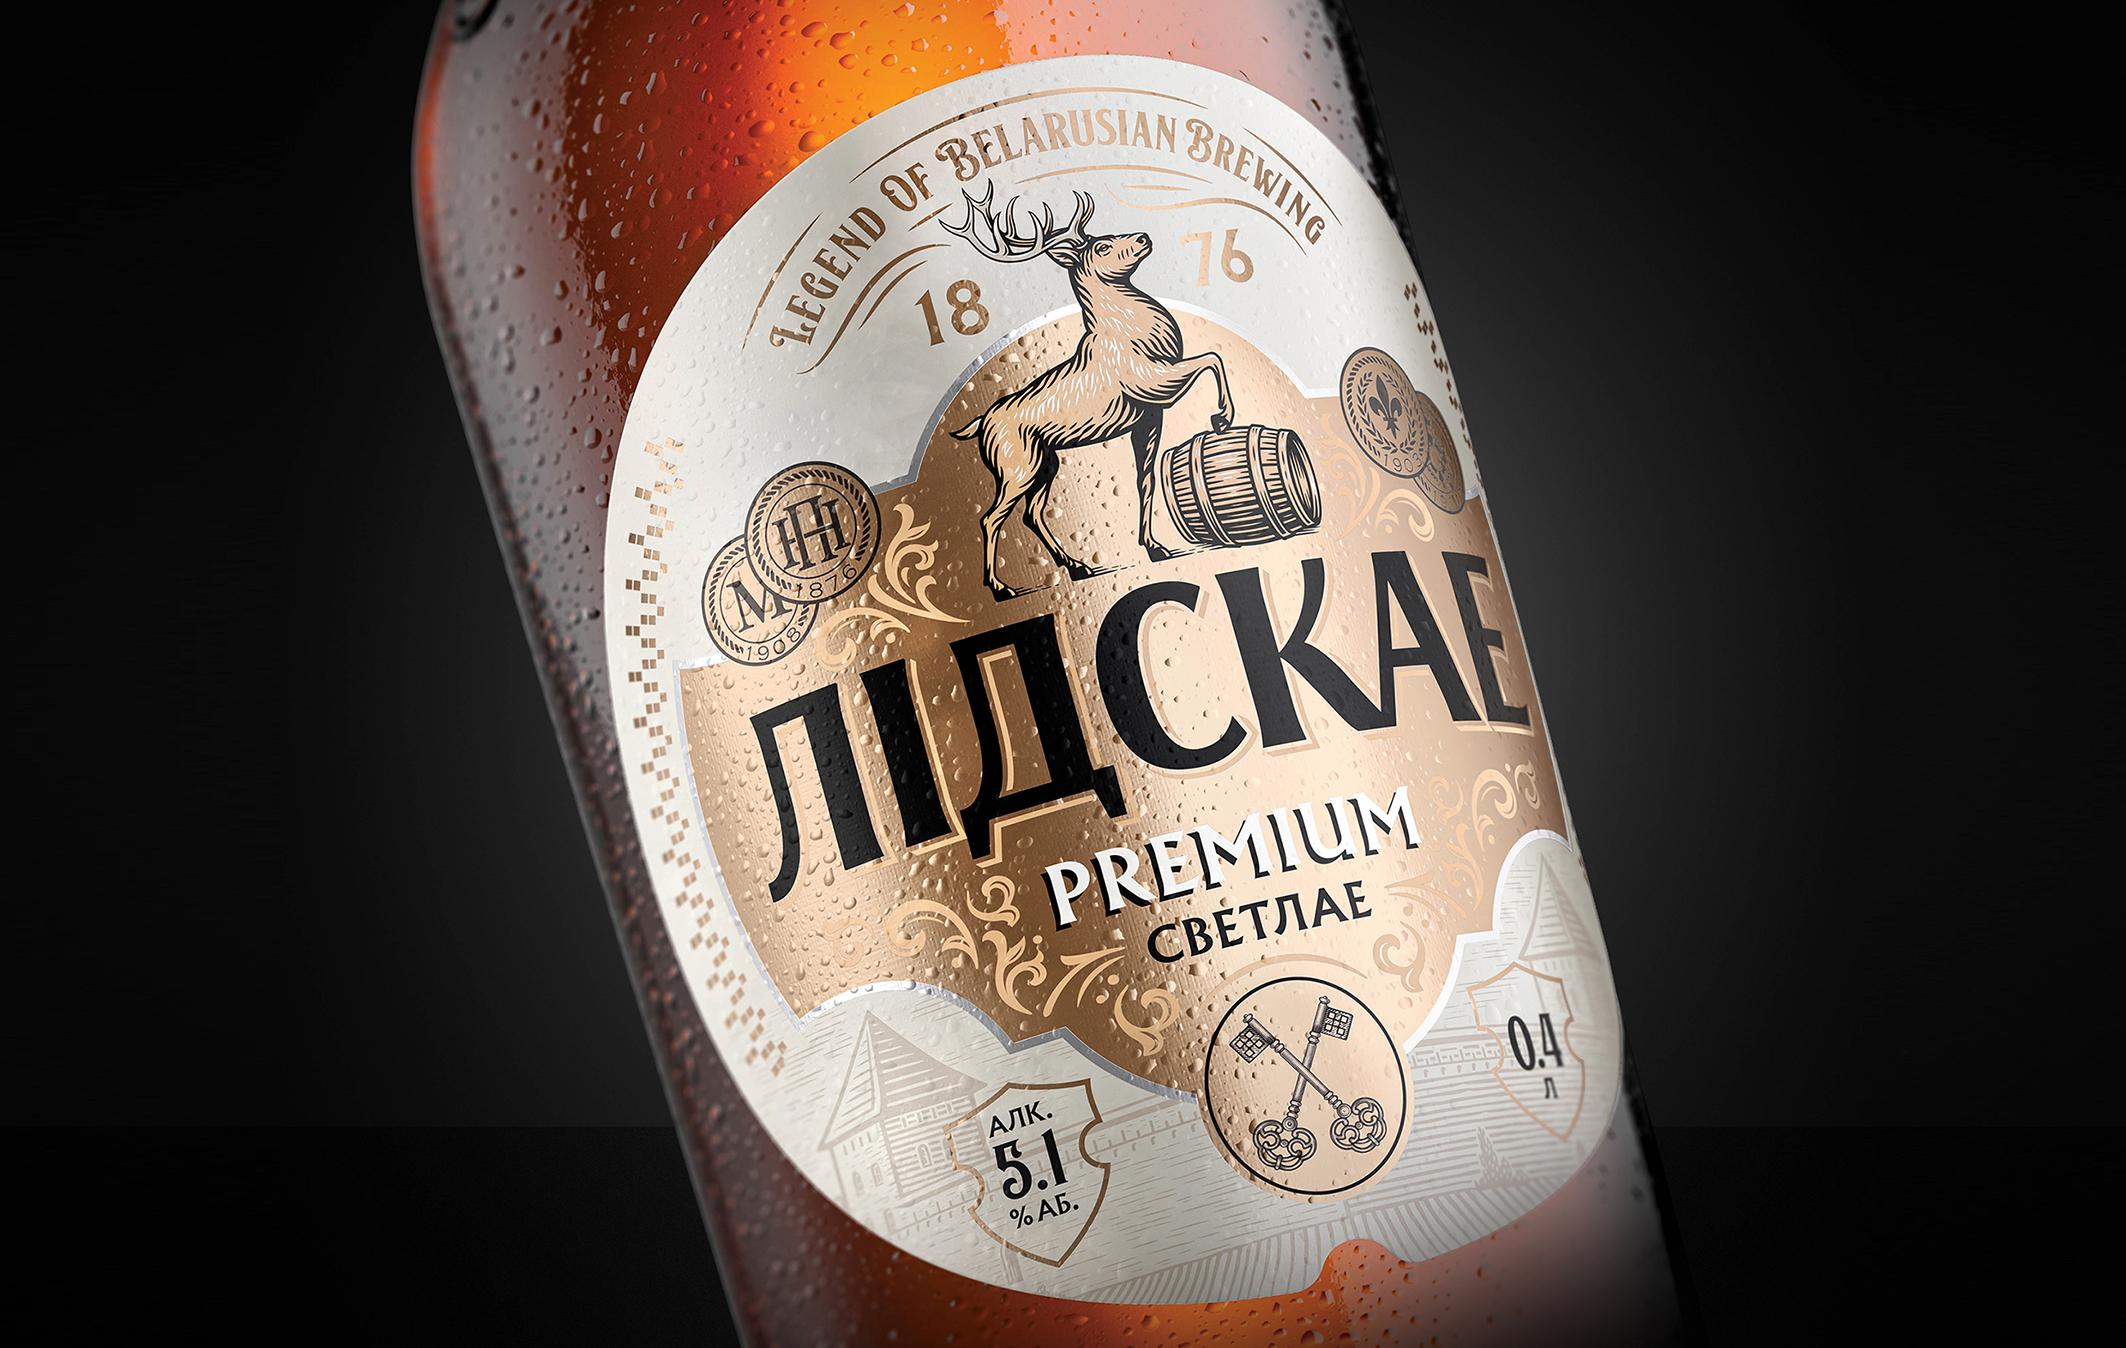 Lidskae Beer Rebranding by Blackmoon